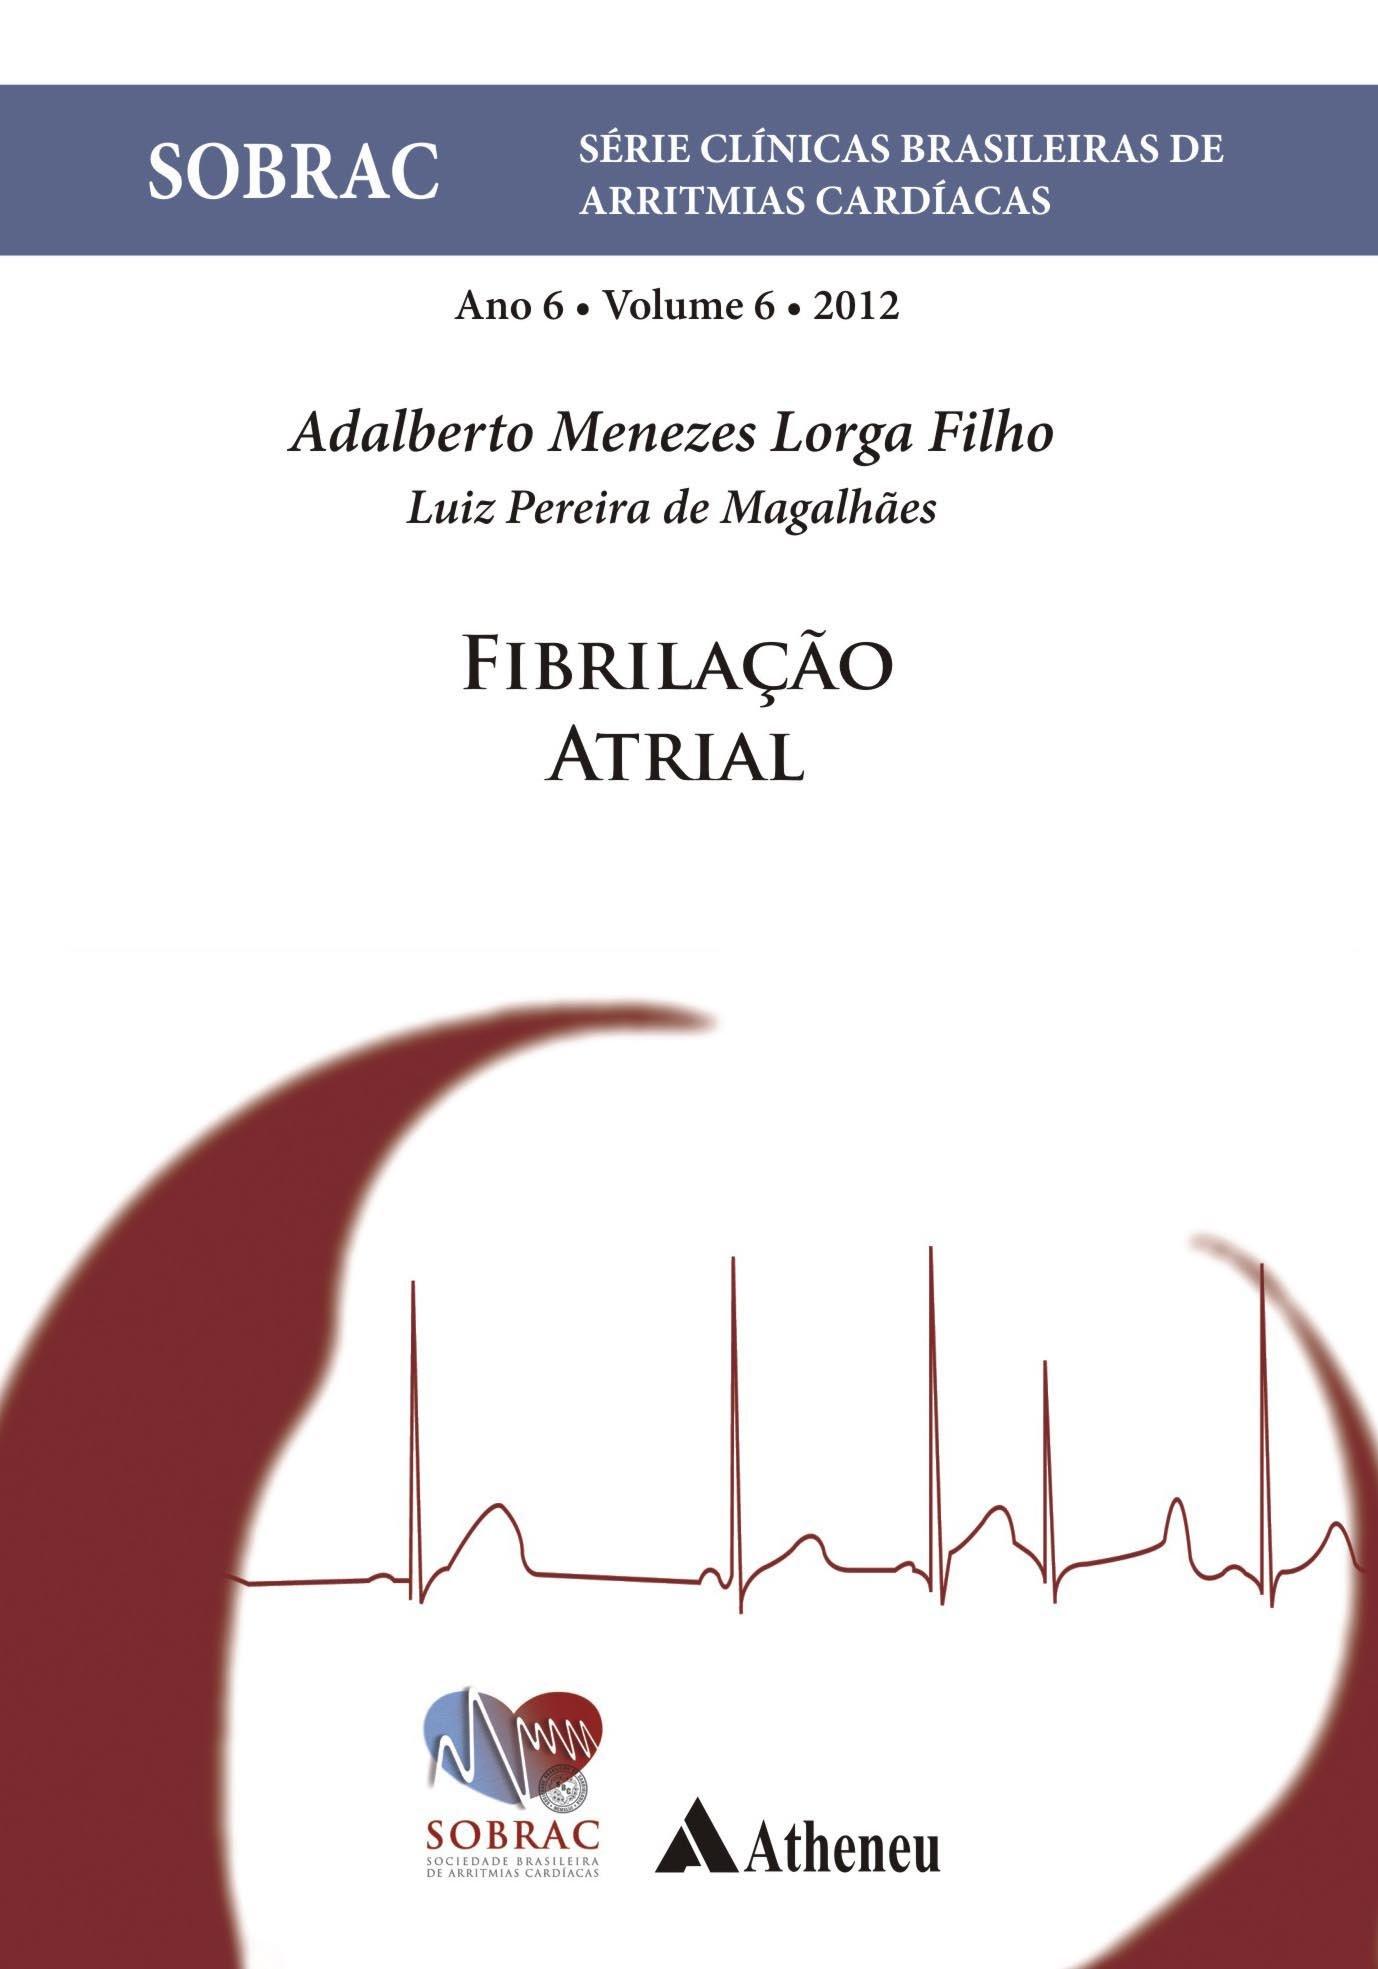 Fibrilação Atrial - Volume 6  Série Clínicas Brasileiras de